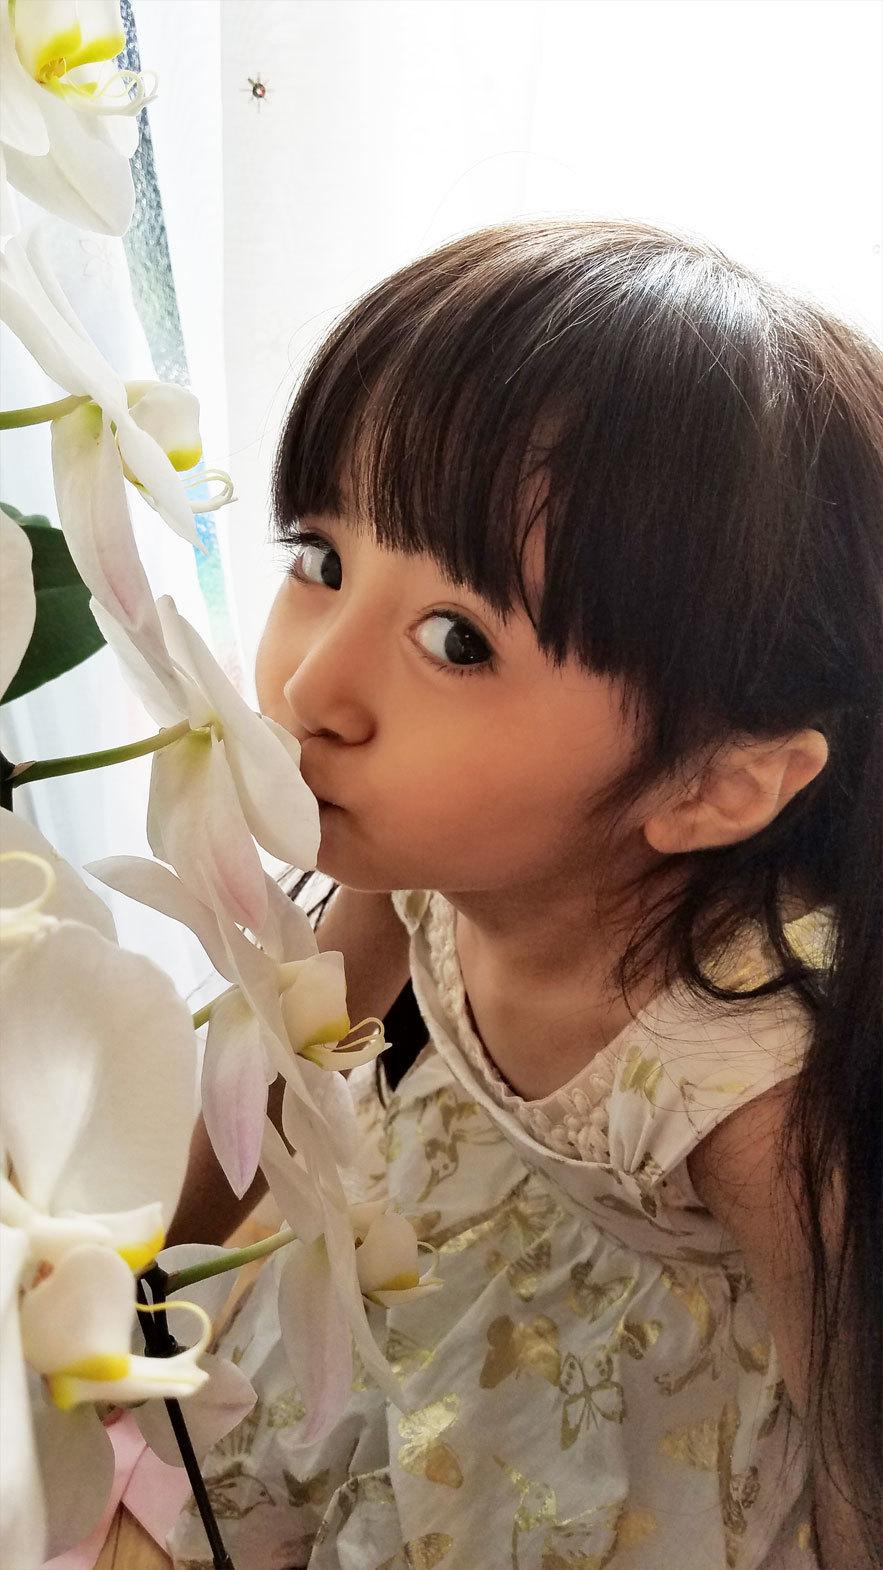 「お花さんおはよう。今日も、綺麗ね♡」算数や文字、そして色んなお勉強。_d0224894_11392651.jpg